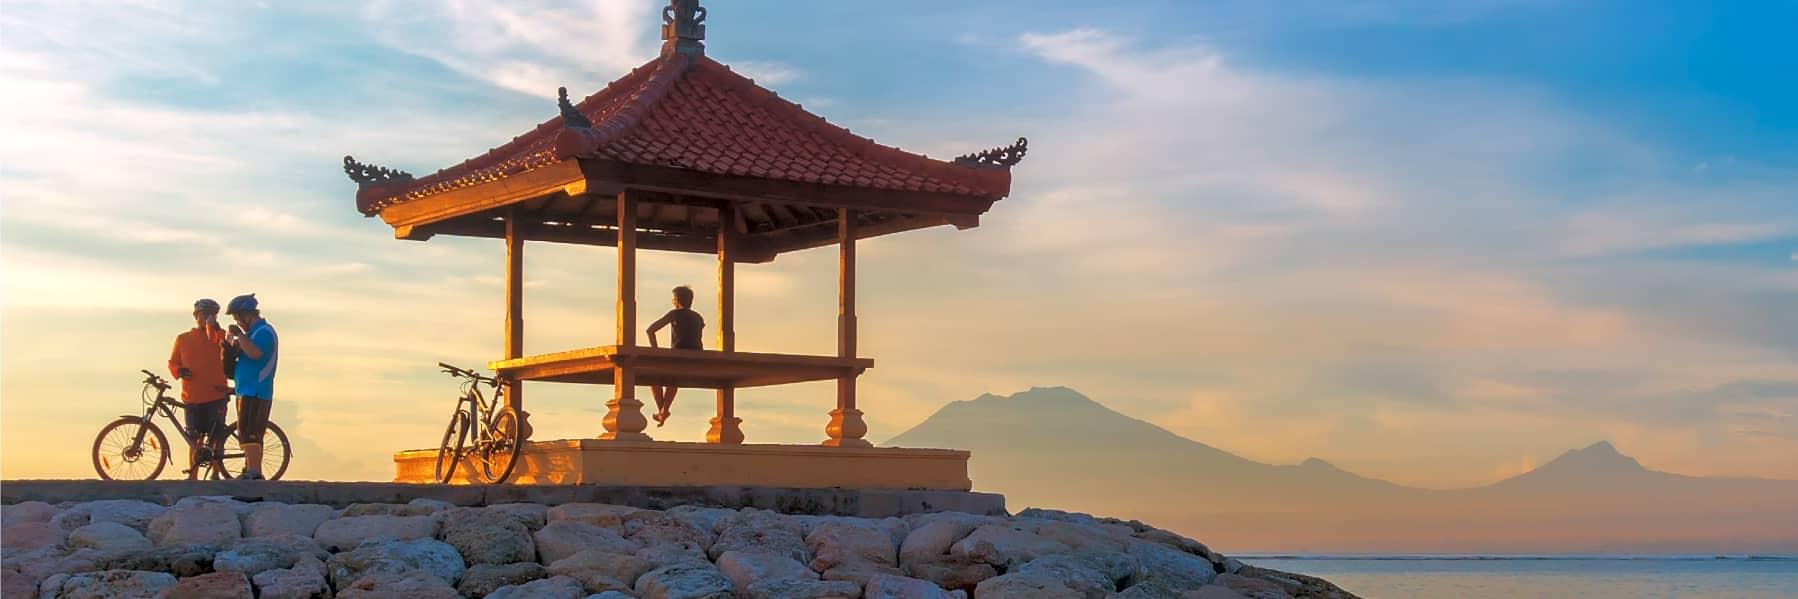 Bali Sanur Beach Sunrise Bike Tour – Half Day gallery